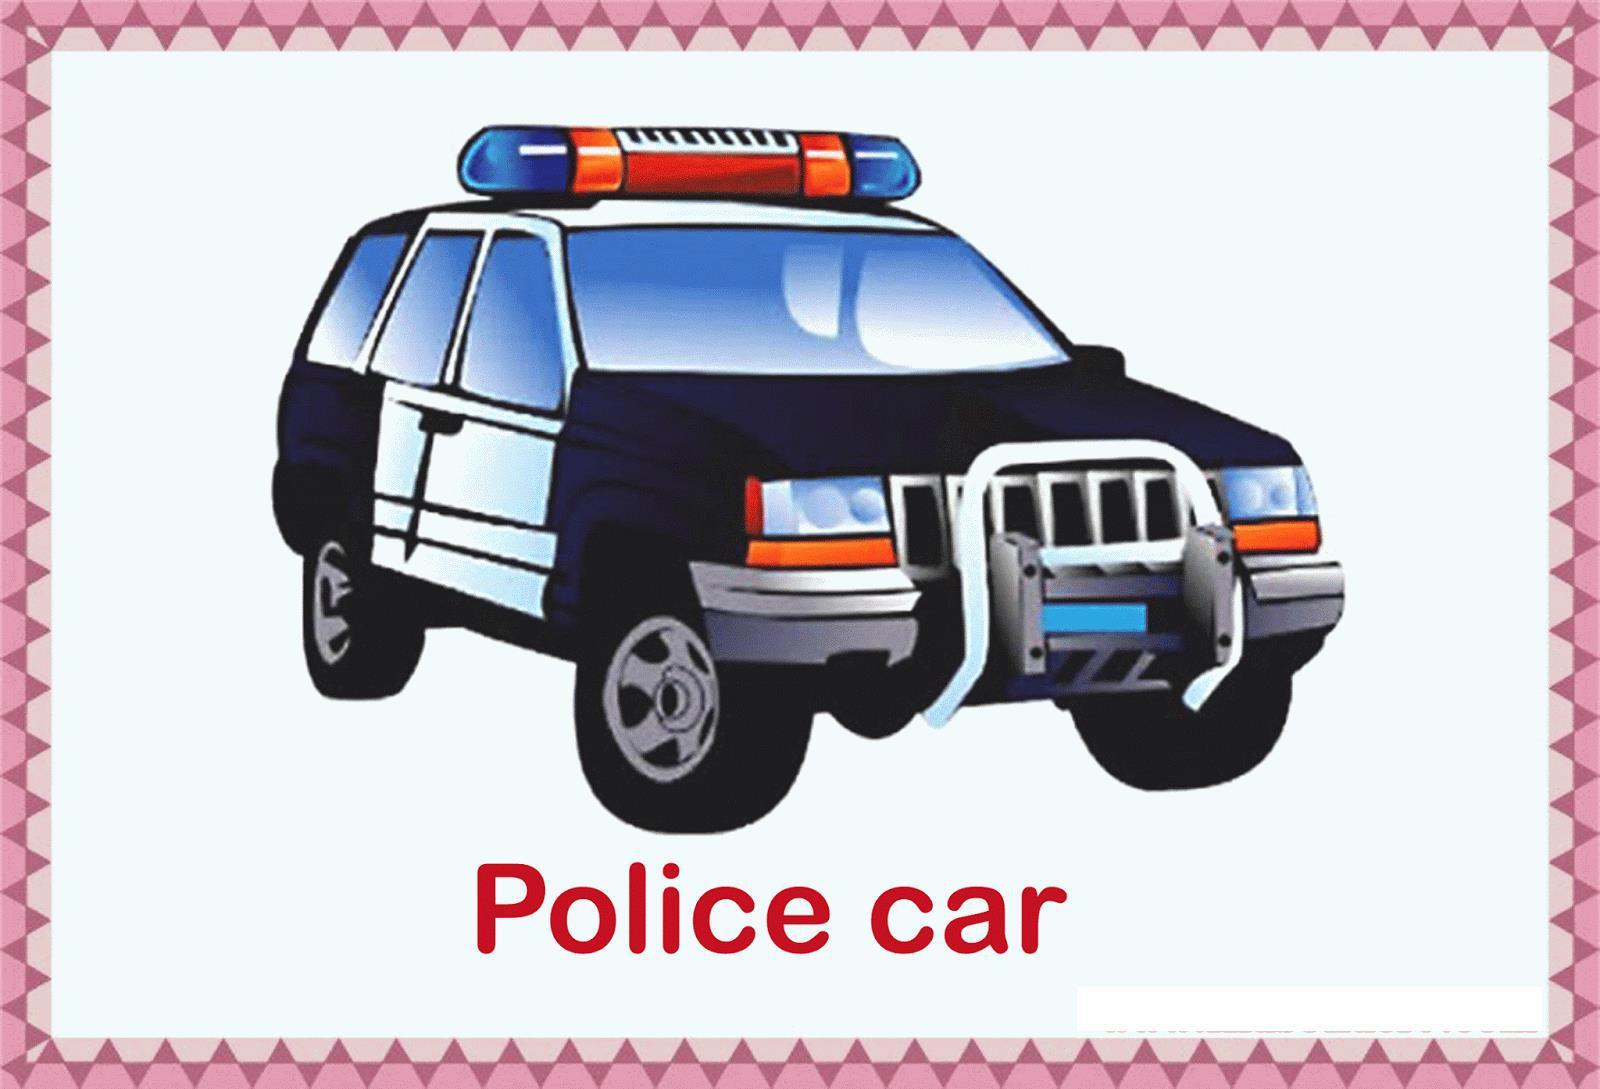 Полицейская машина на английском